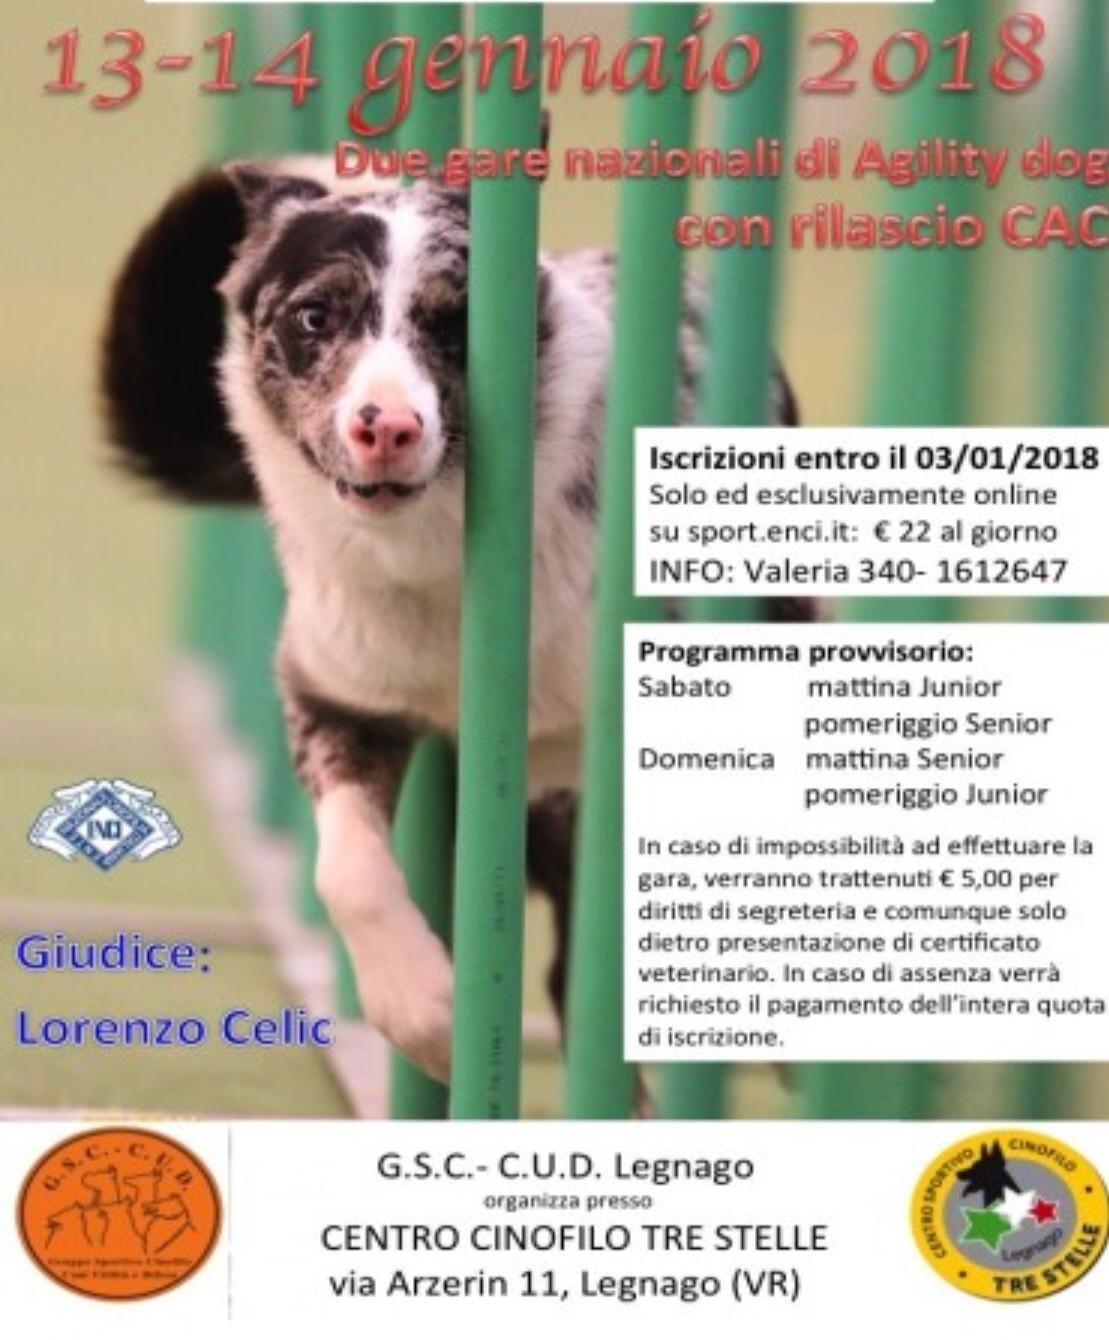 GSC-CUD Legnago (VR) sabato 13 gennaio '18